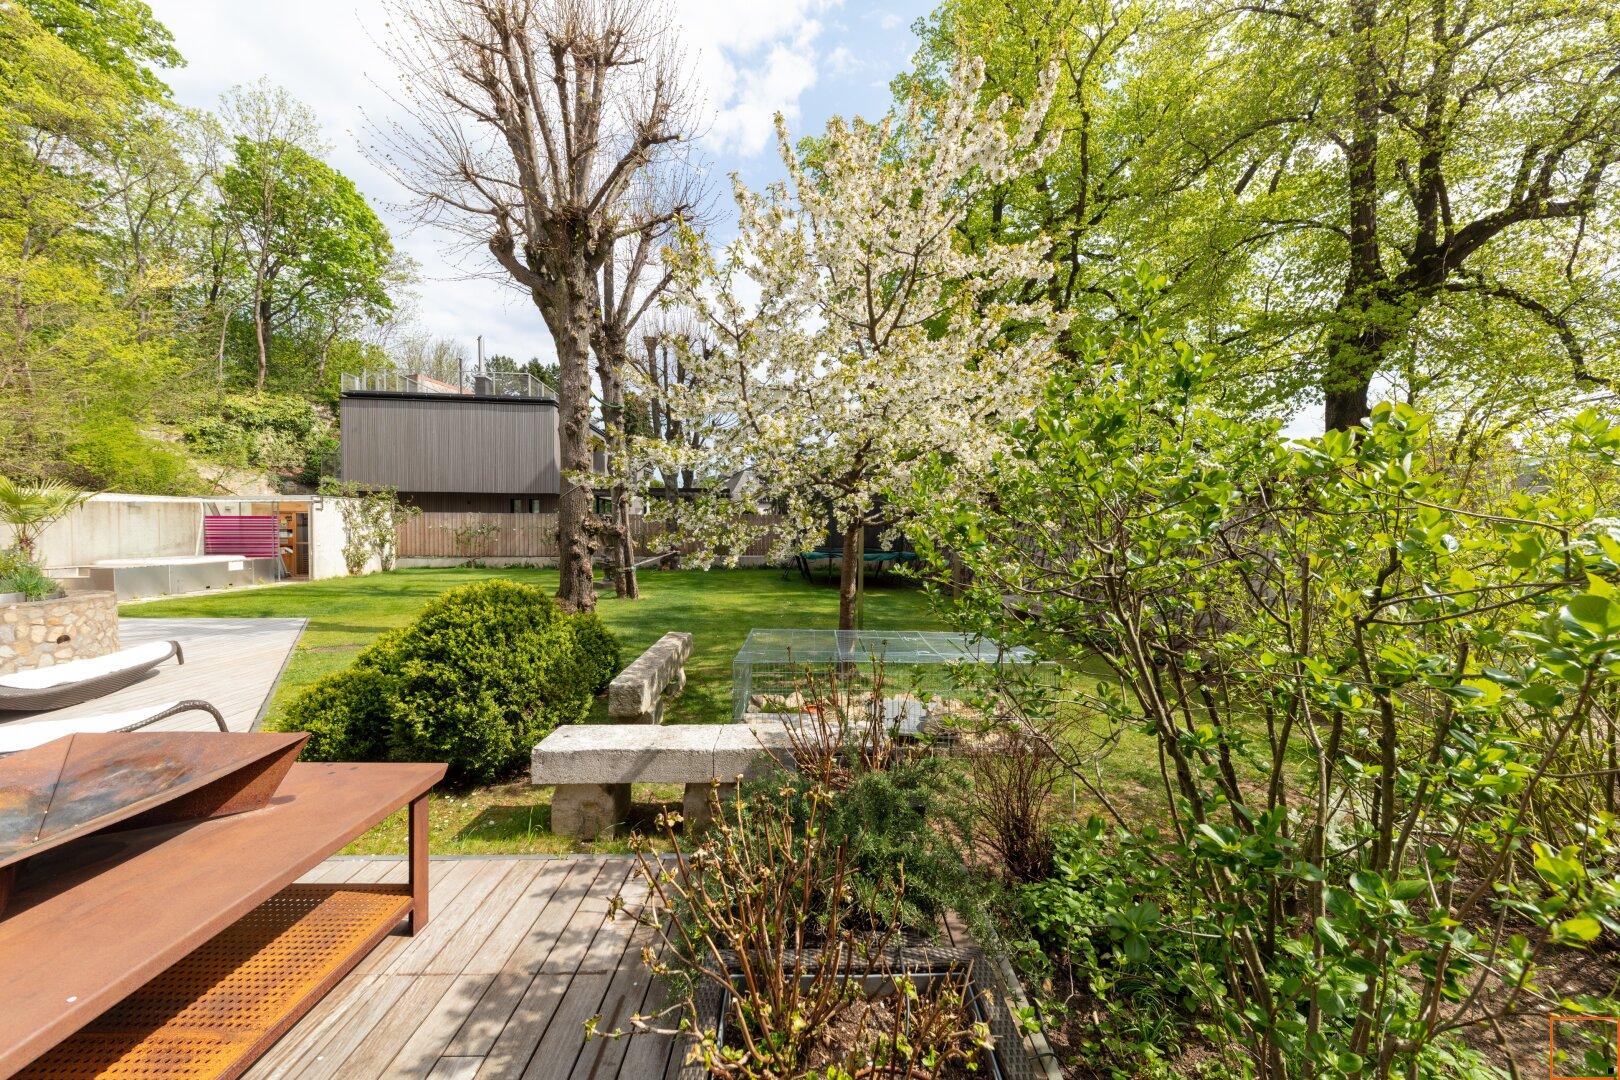 Terrasse / Garten